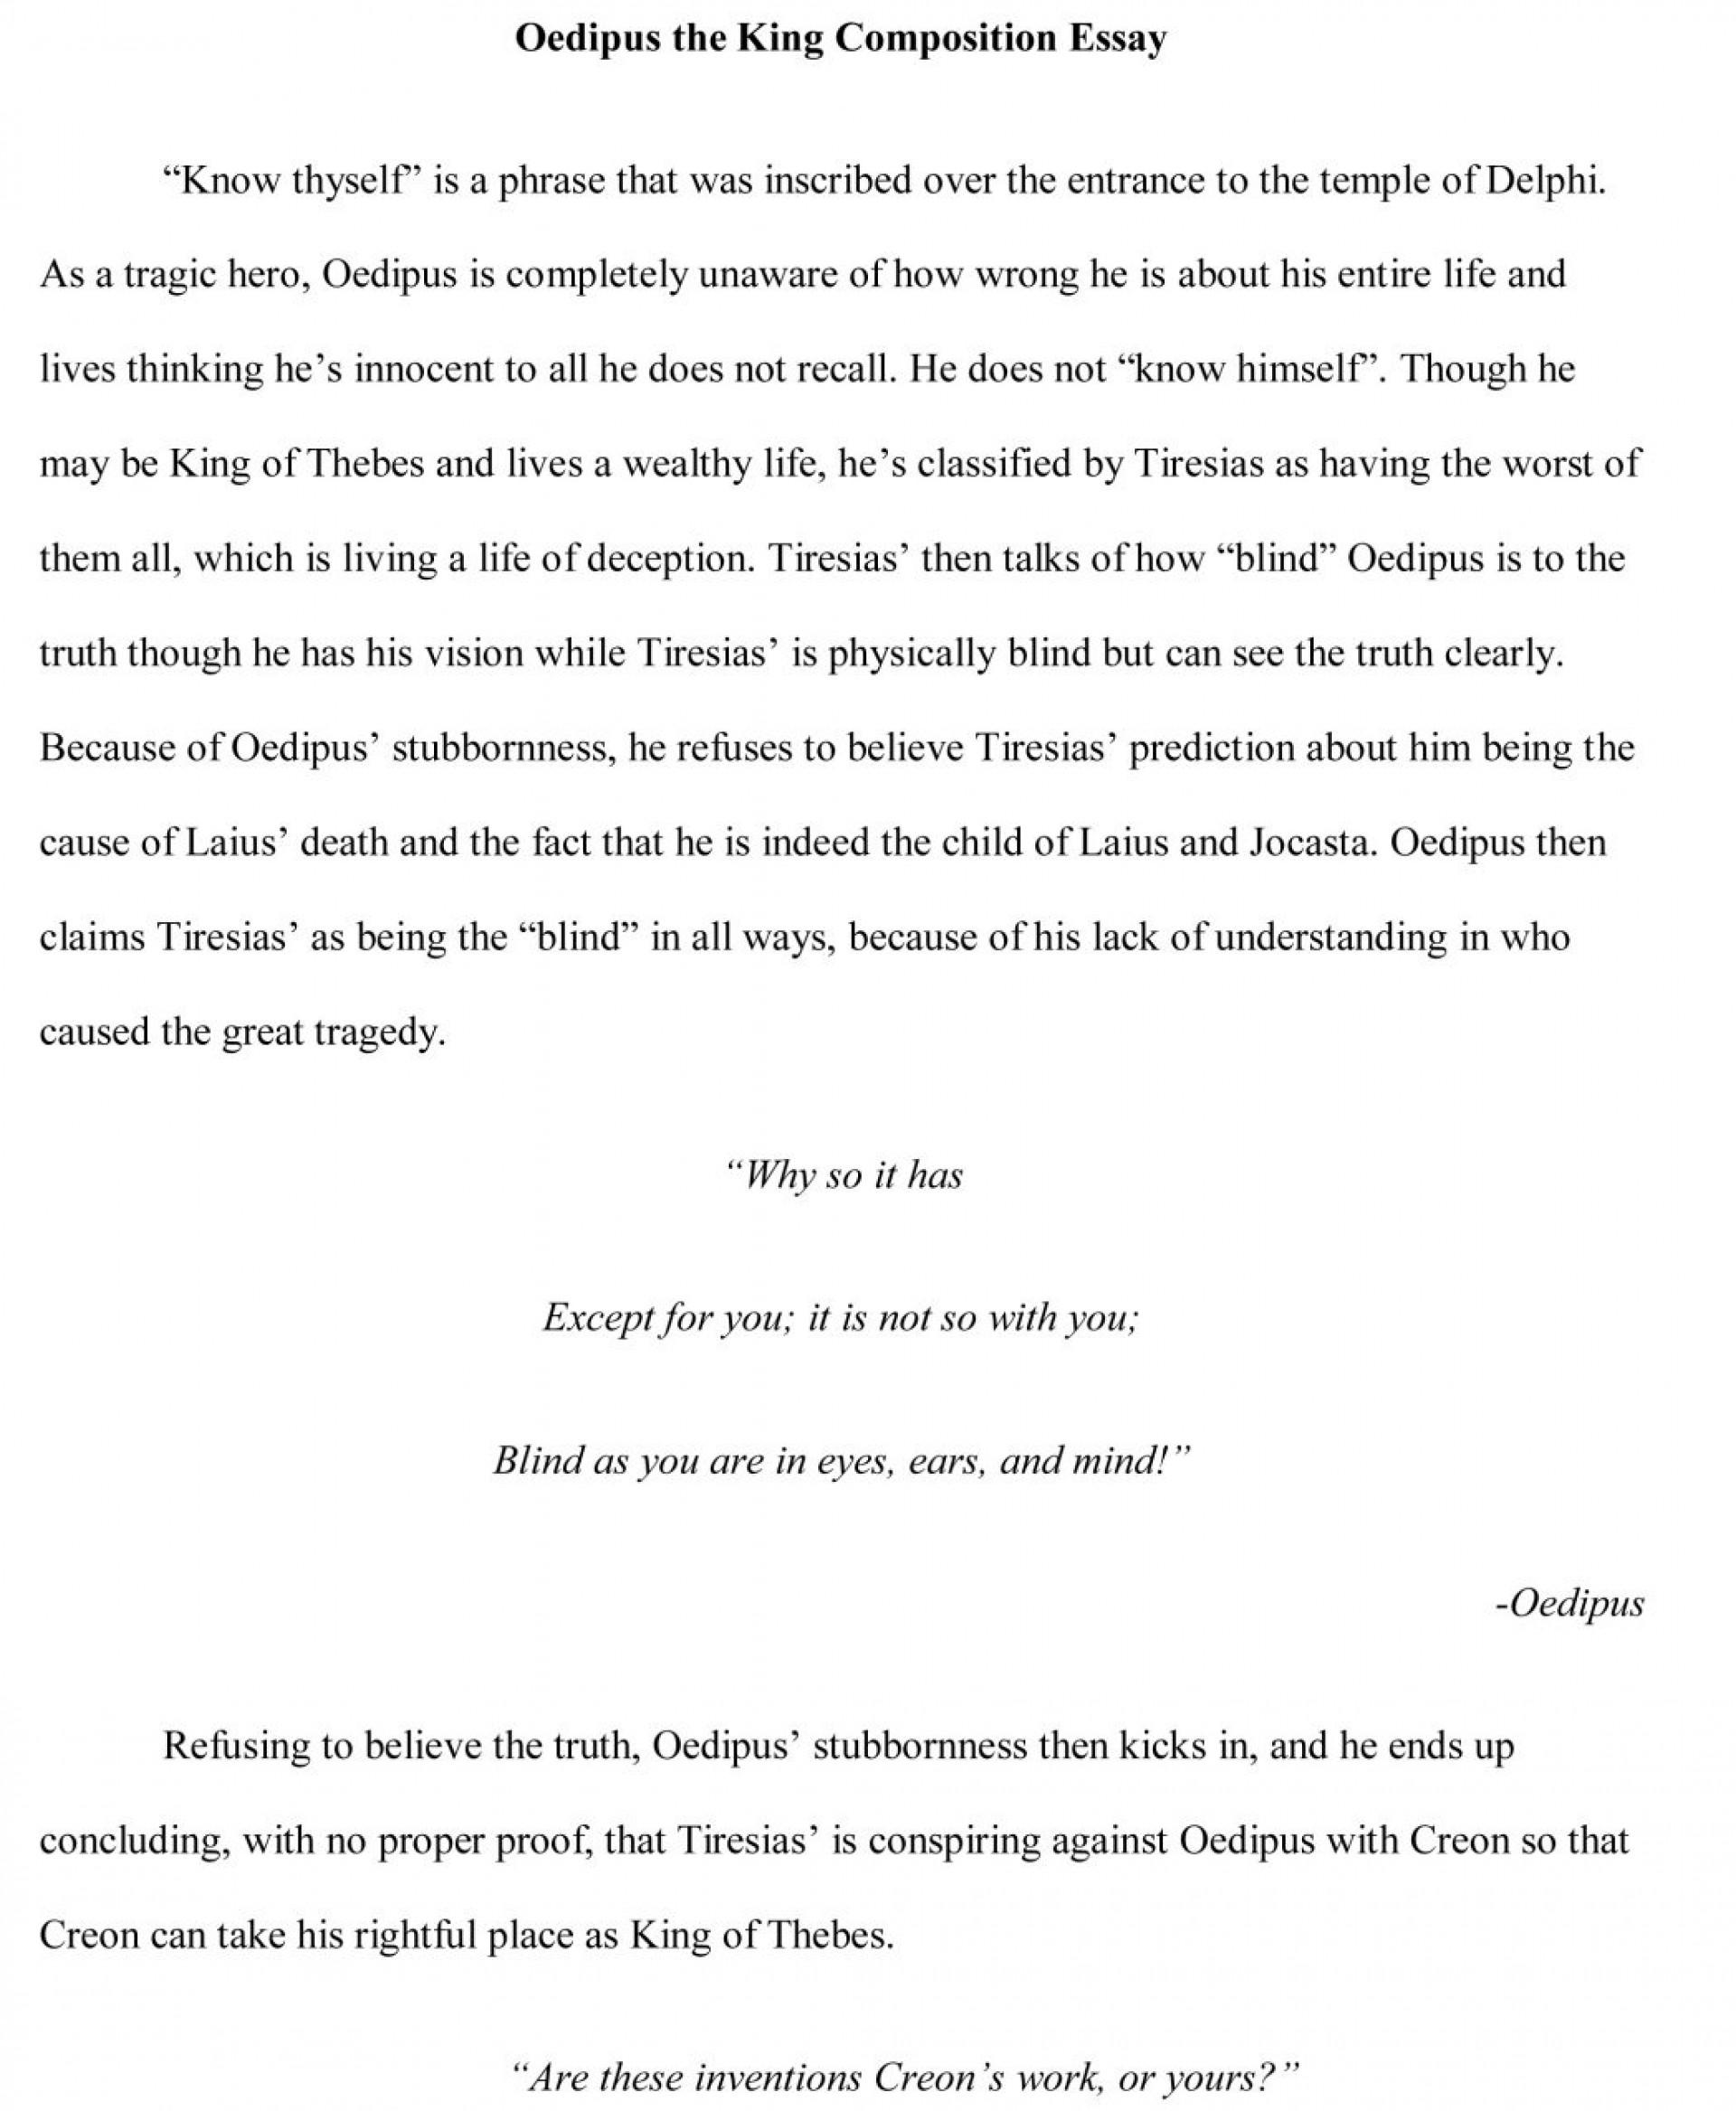 003 Argumentative Writing Prompts List Worksheet Essay